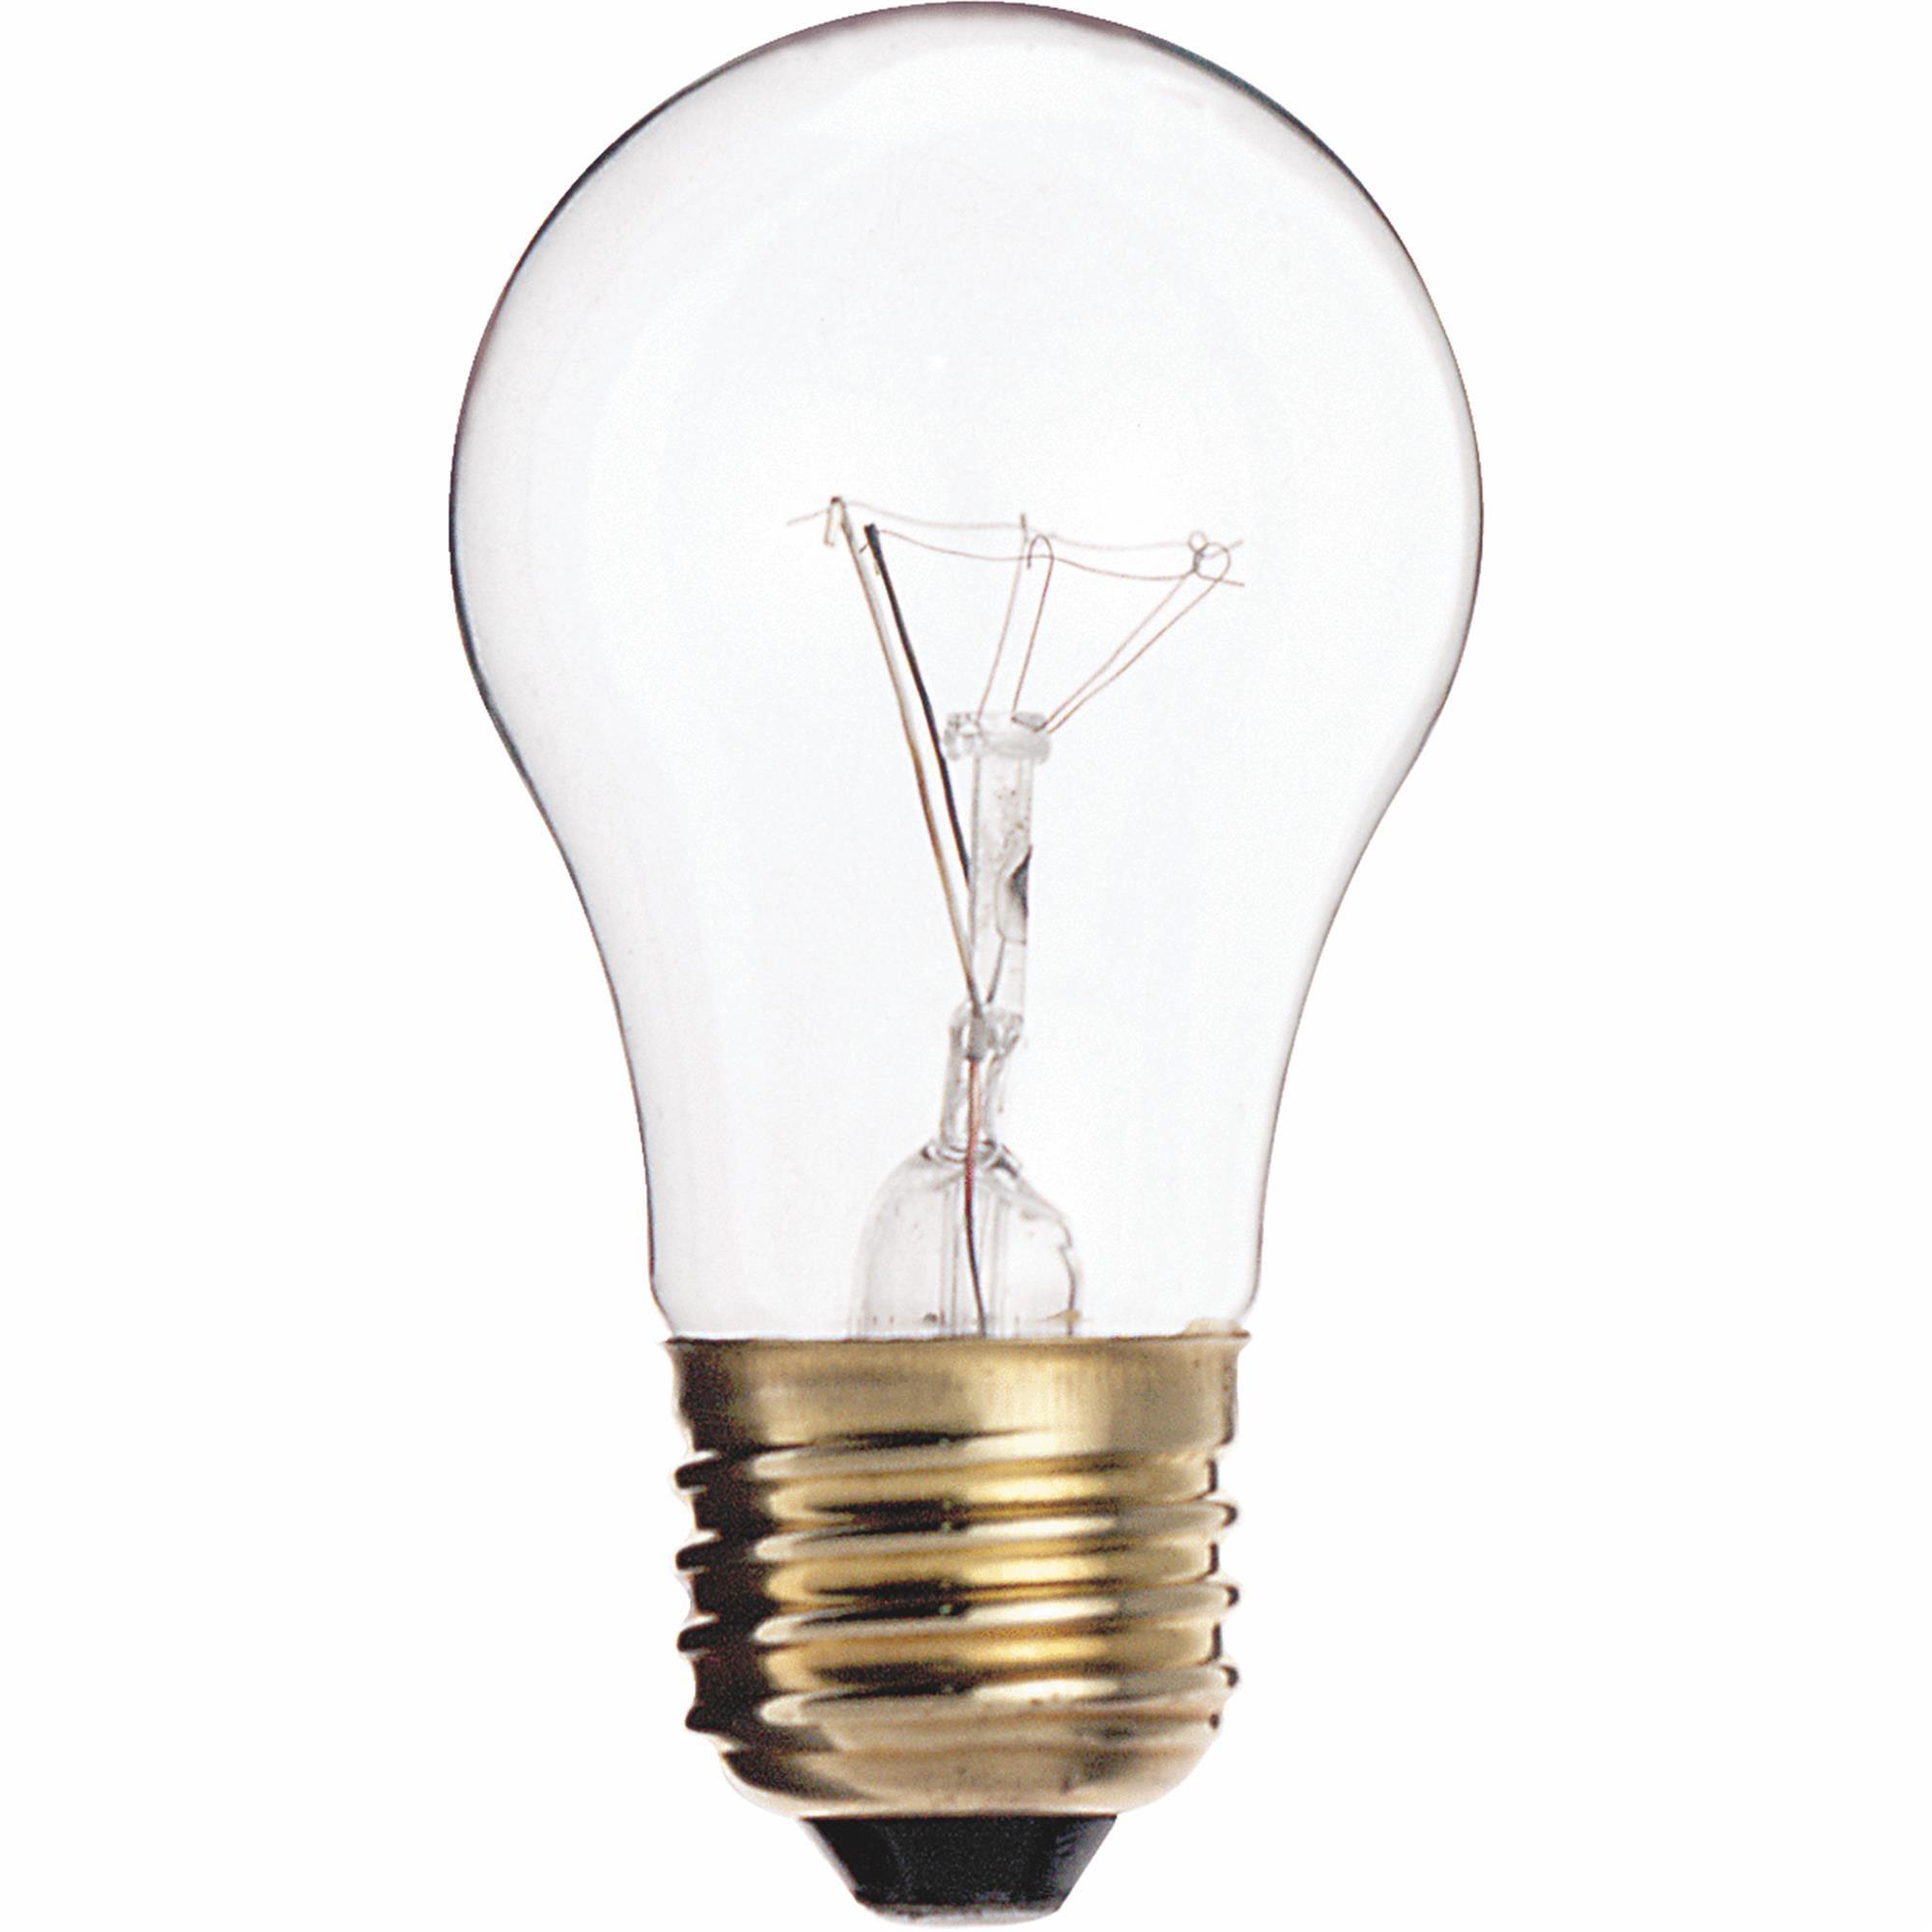 ceiling fan light bulbs. satco medium a15 incandescent ceiling fan light bulb bulbs 0